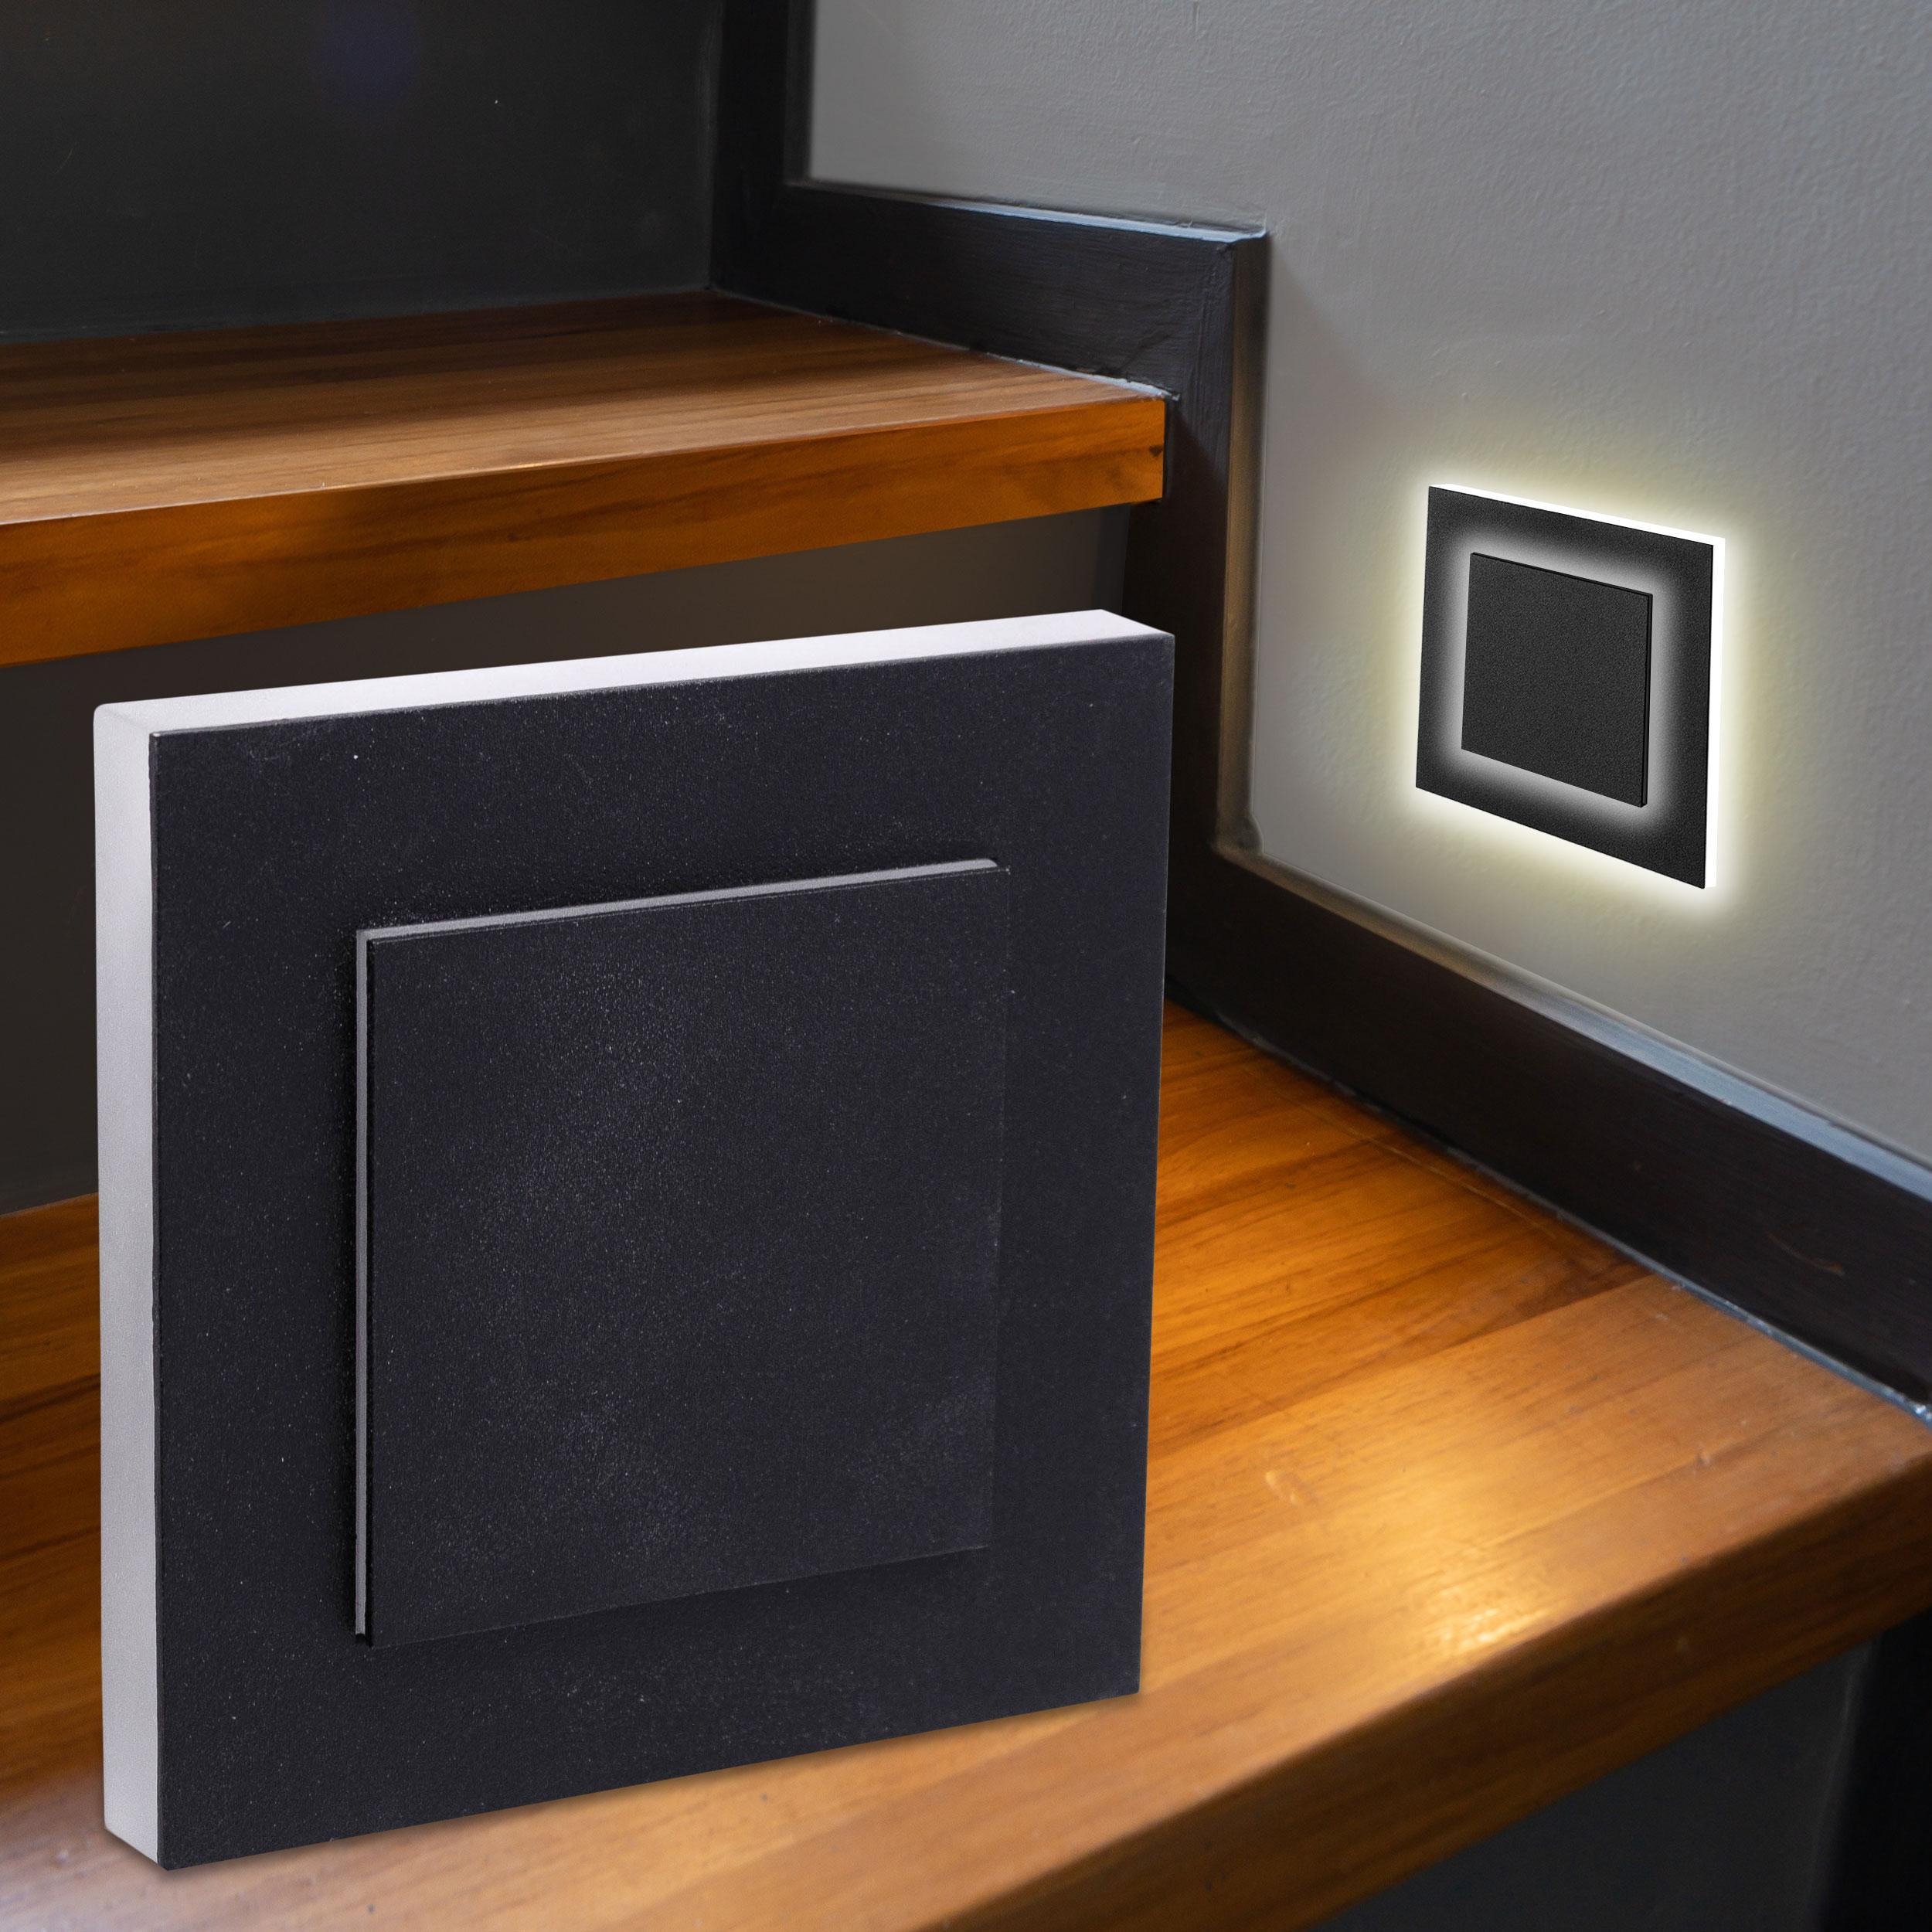 LED Treppenbeleuchtung Wandeinbauleuchte Warmweiß 230V 1.5W schwarz Lichtaustritt seitlich/doppelt